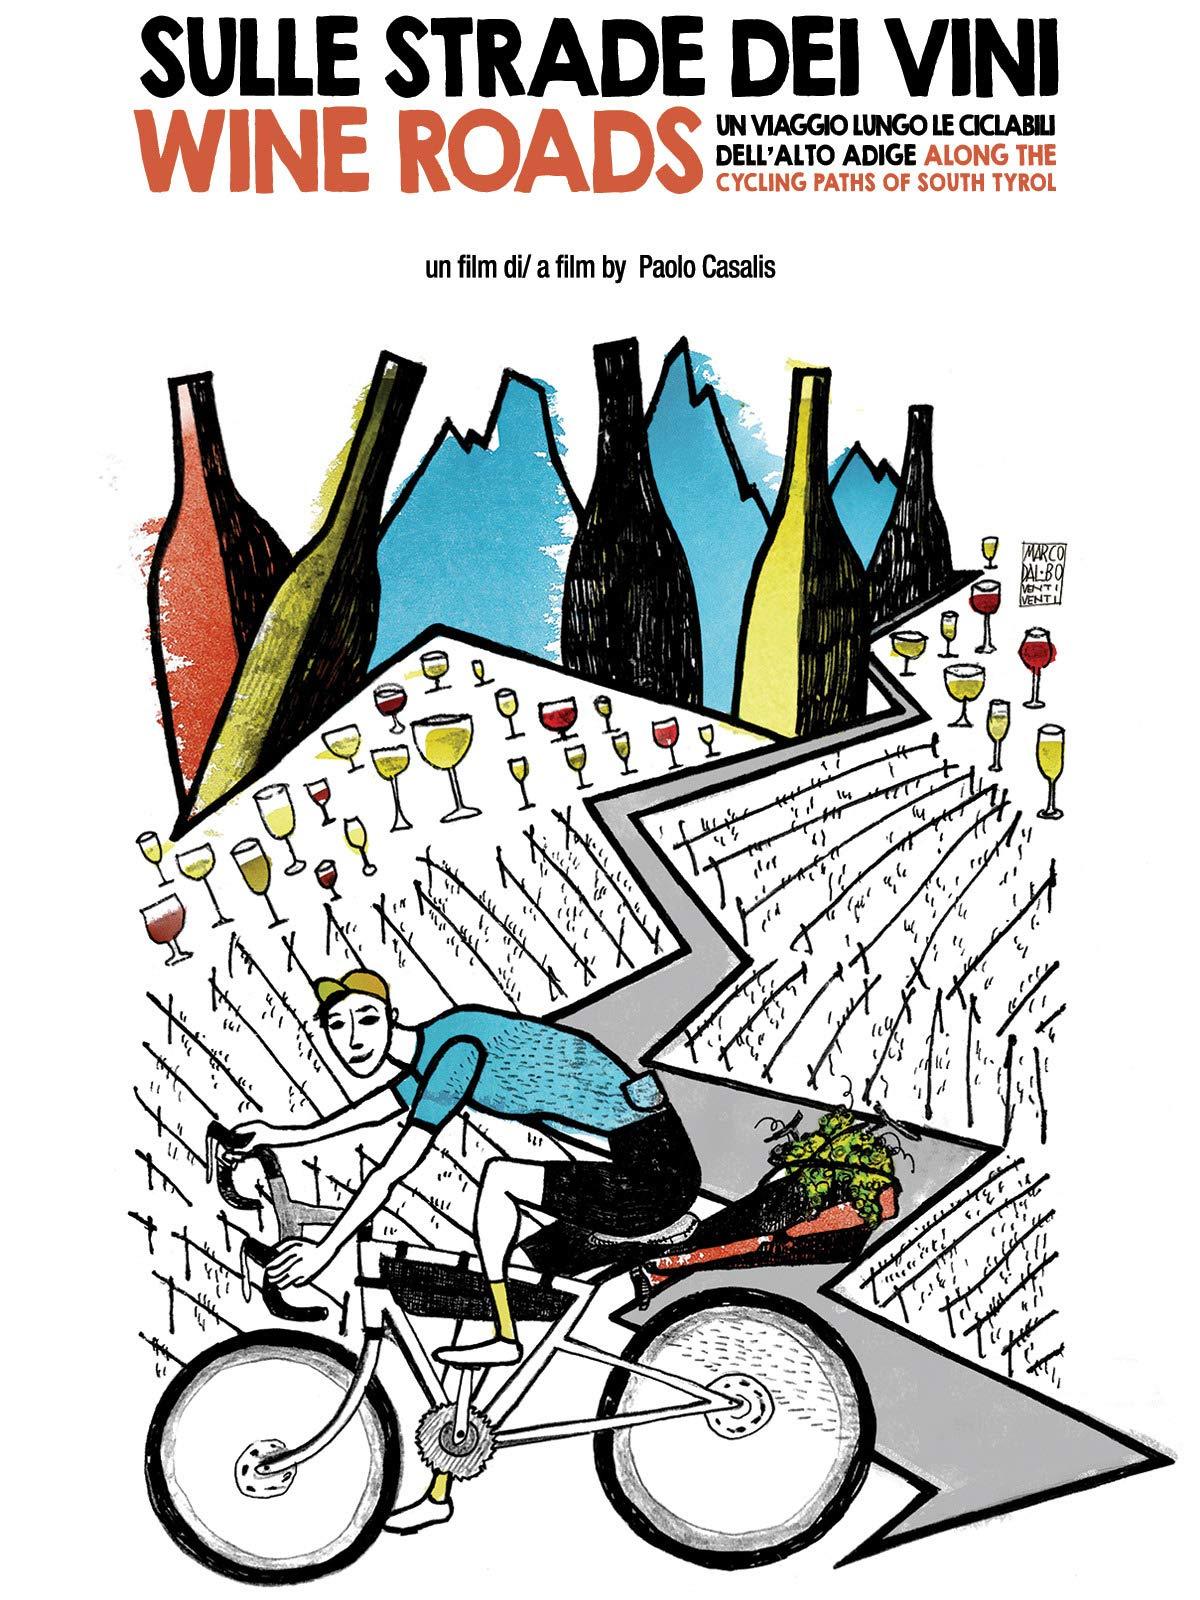 Wine Roads. Along the cycling paths of South Tyrol (Sulle strade dei vini. Un viaggio lungo le ciclabili dell'Alto Adige)) on Amazon Prime Video UK